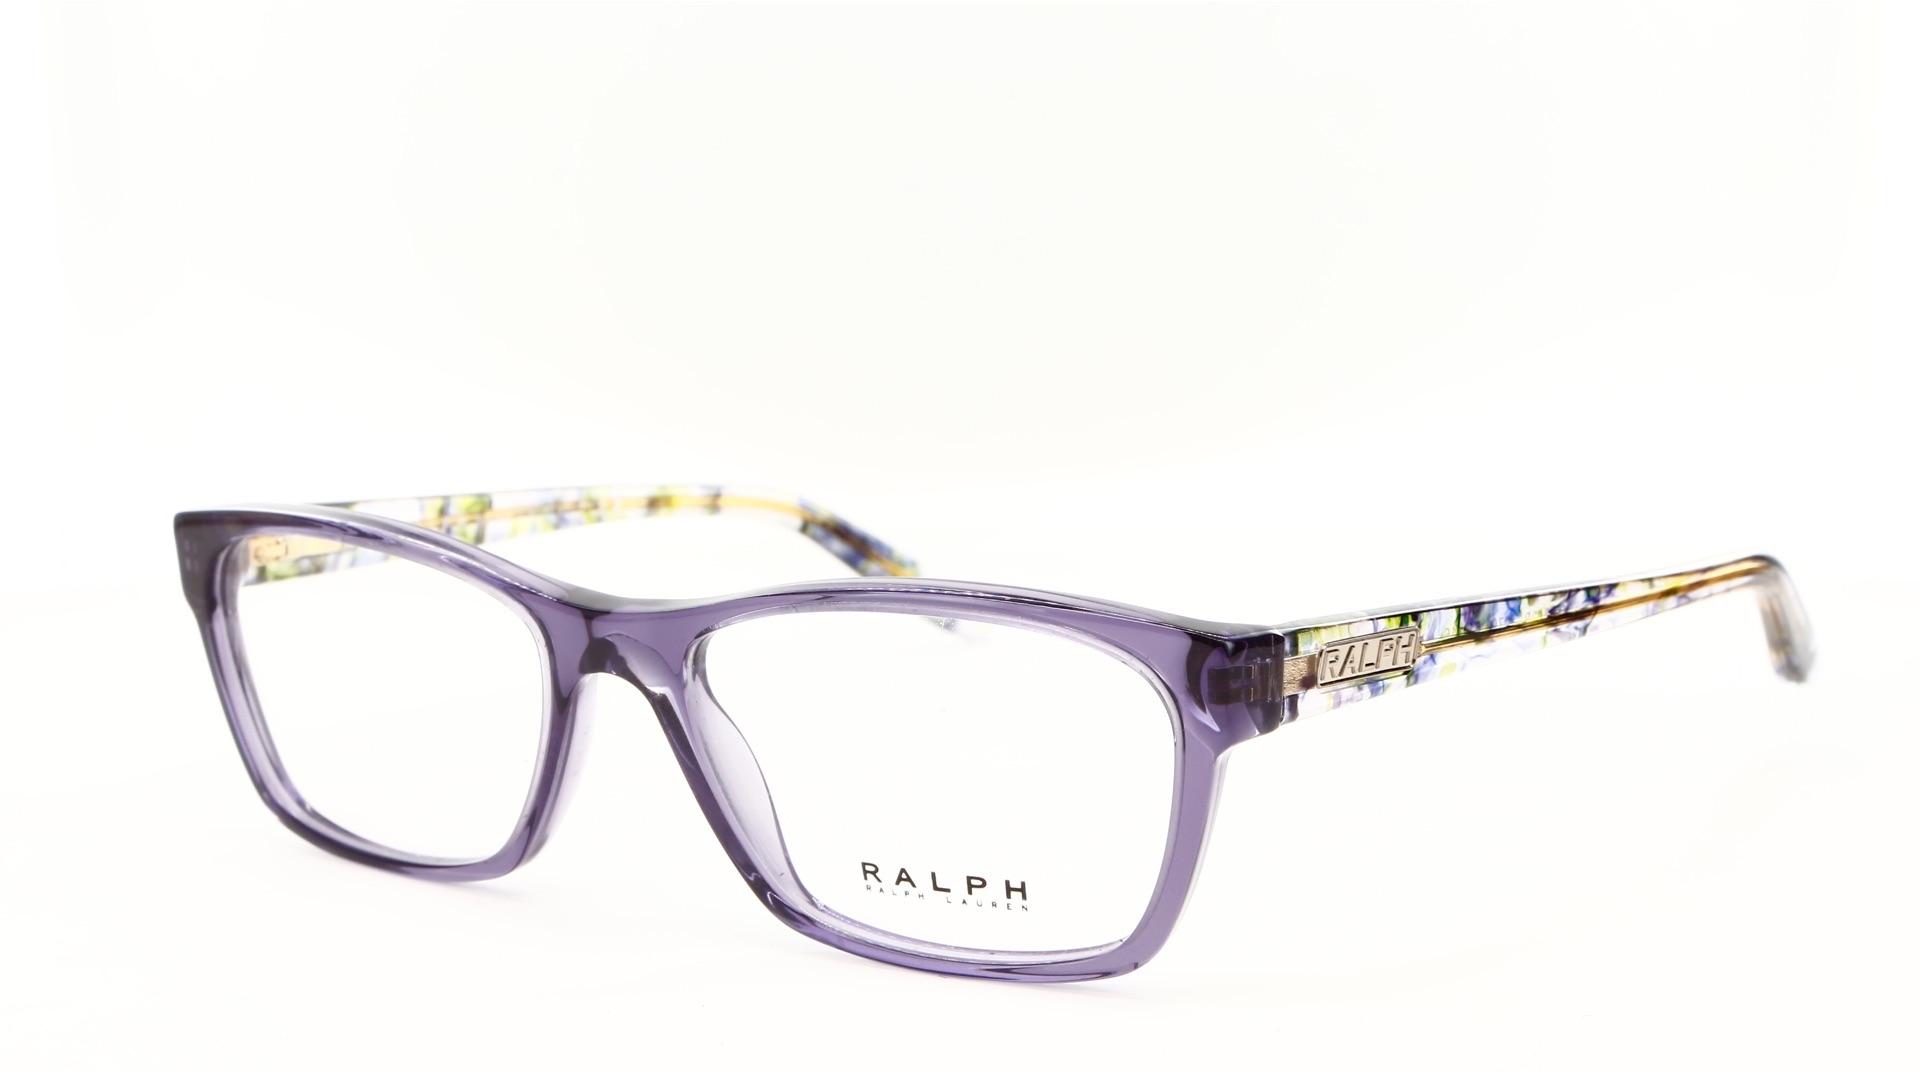 Polo Ralph Lauren - ref: 69525